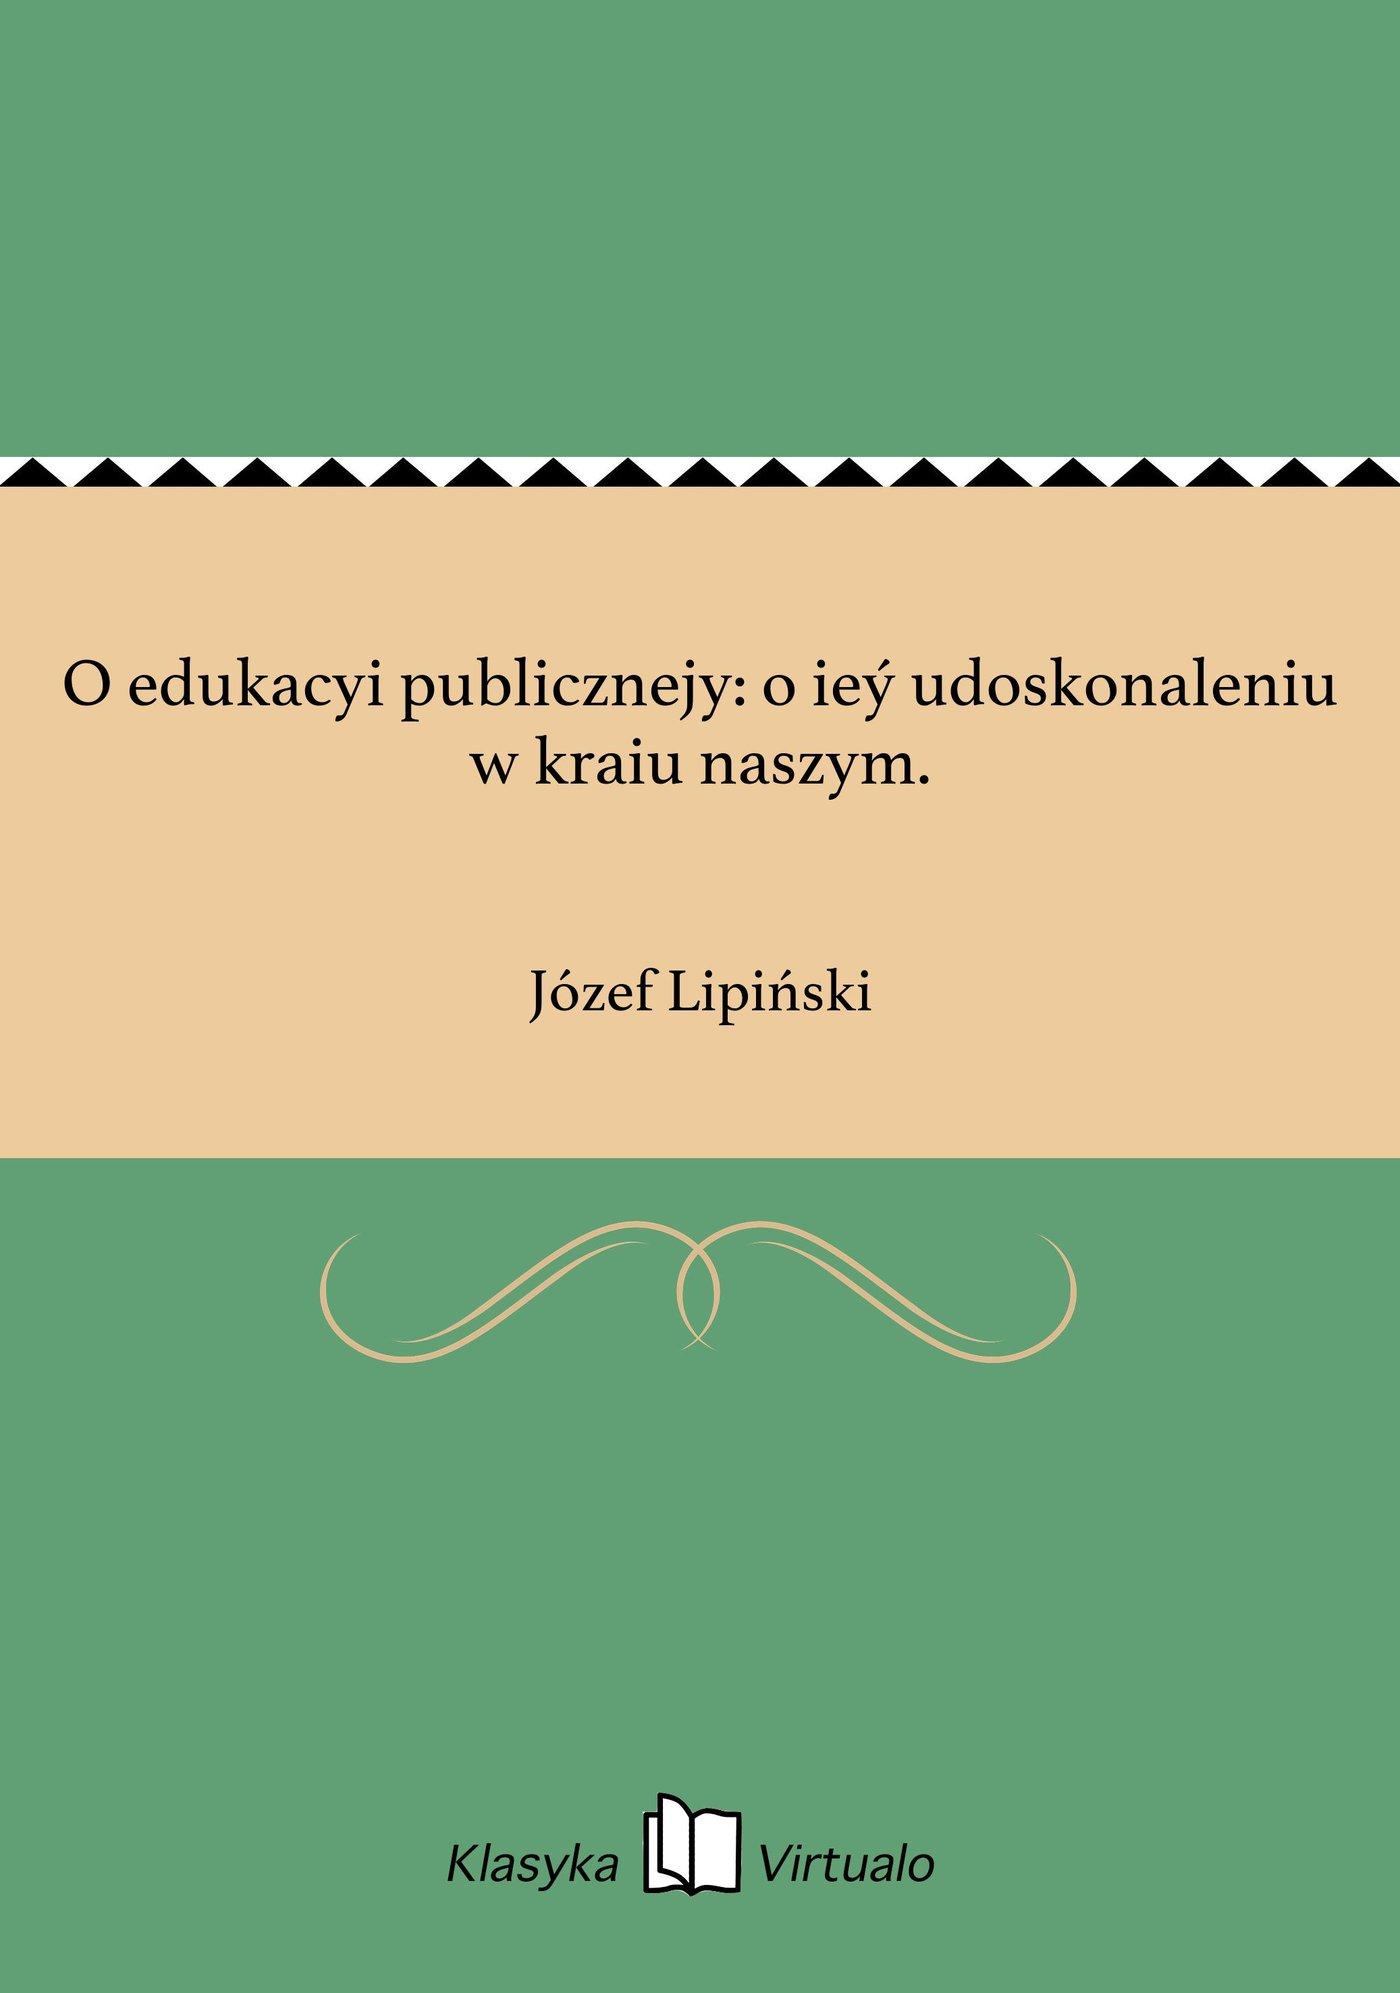 O edukacyi publicznejy: o ieý udoskonaleniu w kraiu naszym. - Ebook (Książka EPUB) do pobrania w formacie EPUB